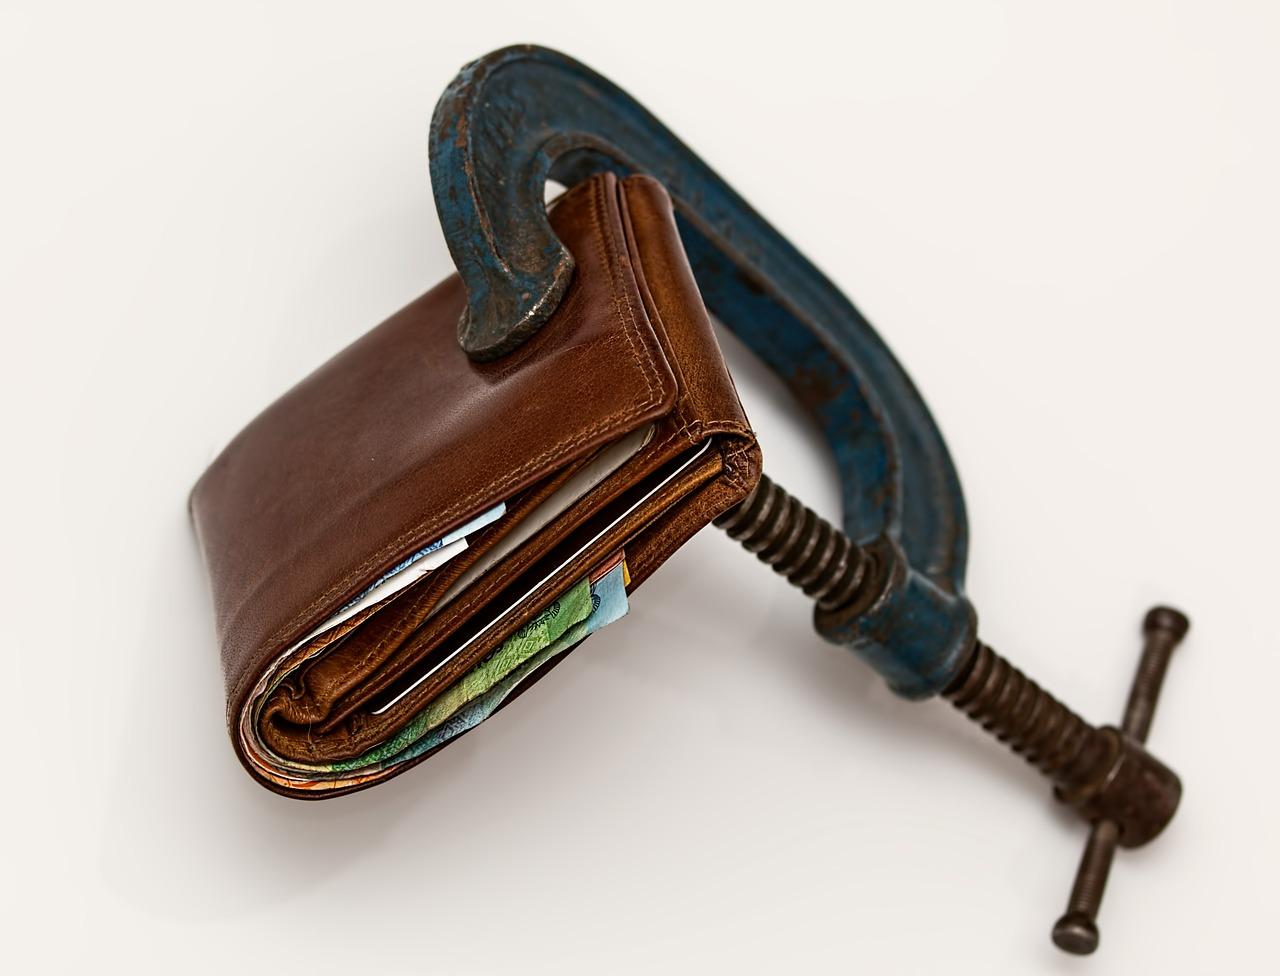 データで比較するコンパクトな財布ランキング(メンズ24商品)